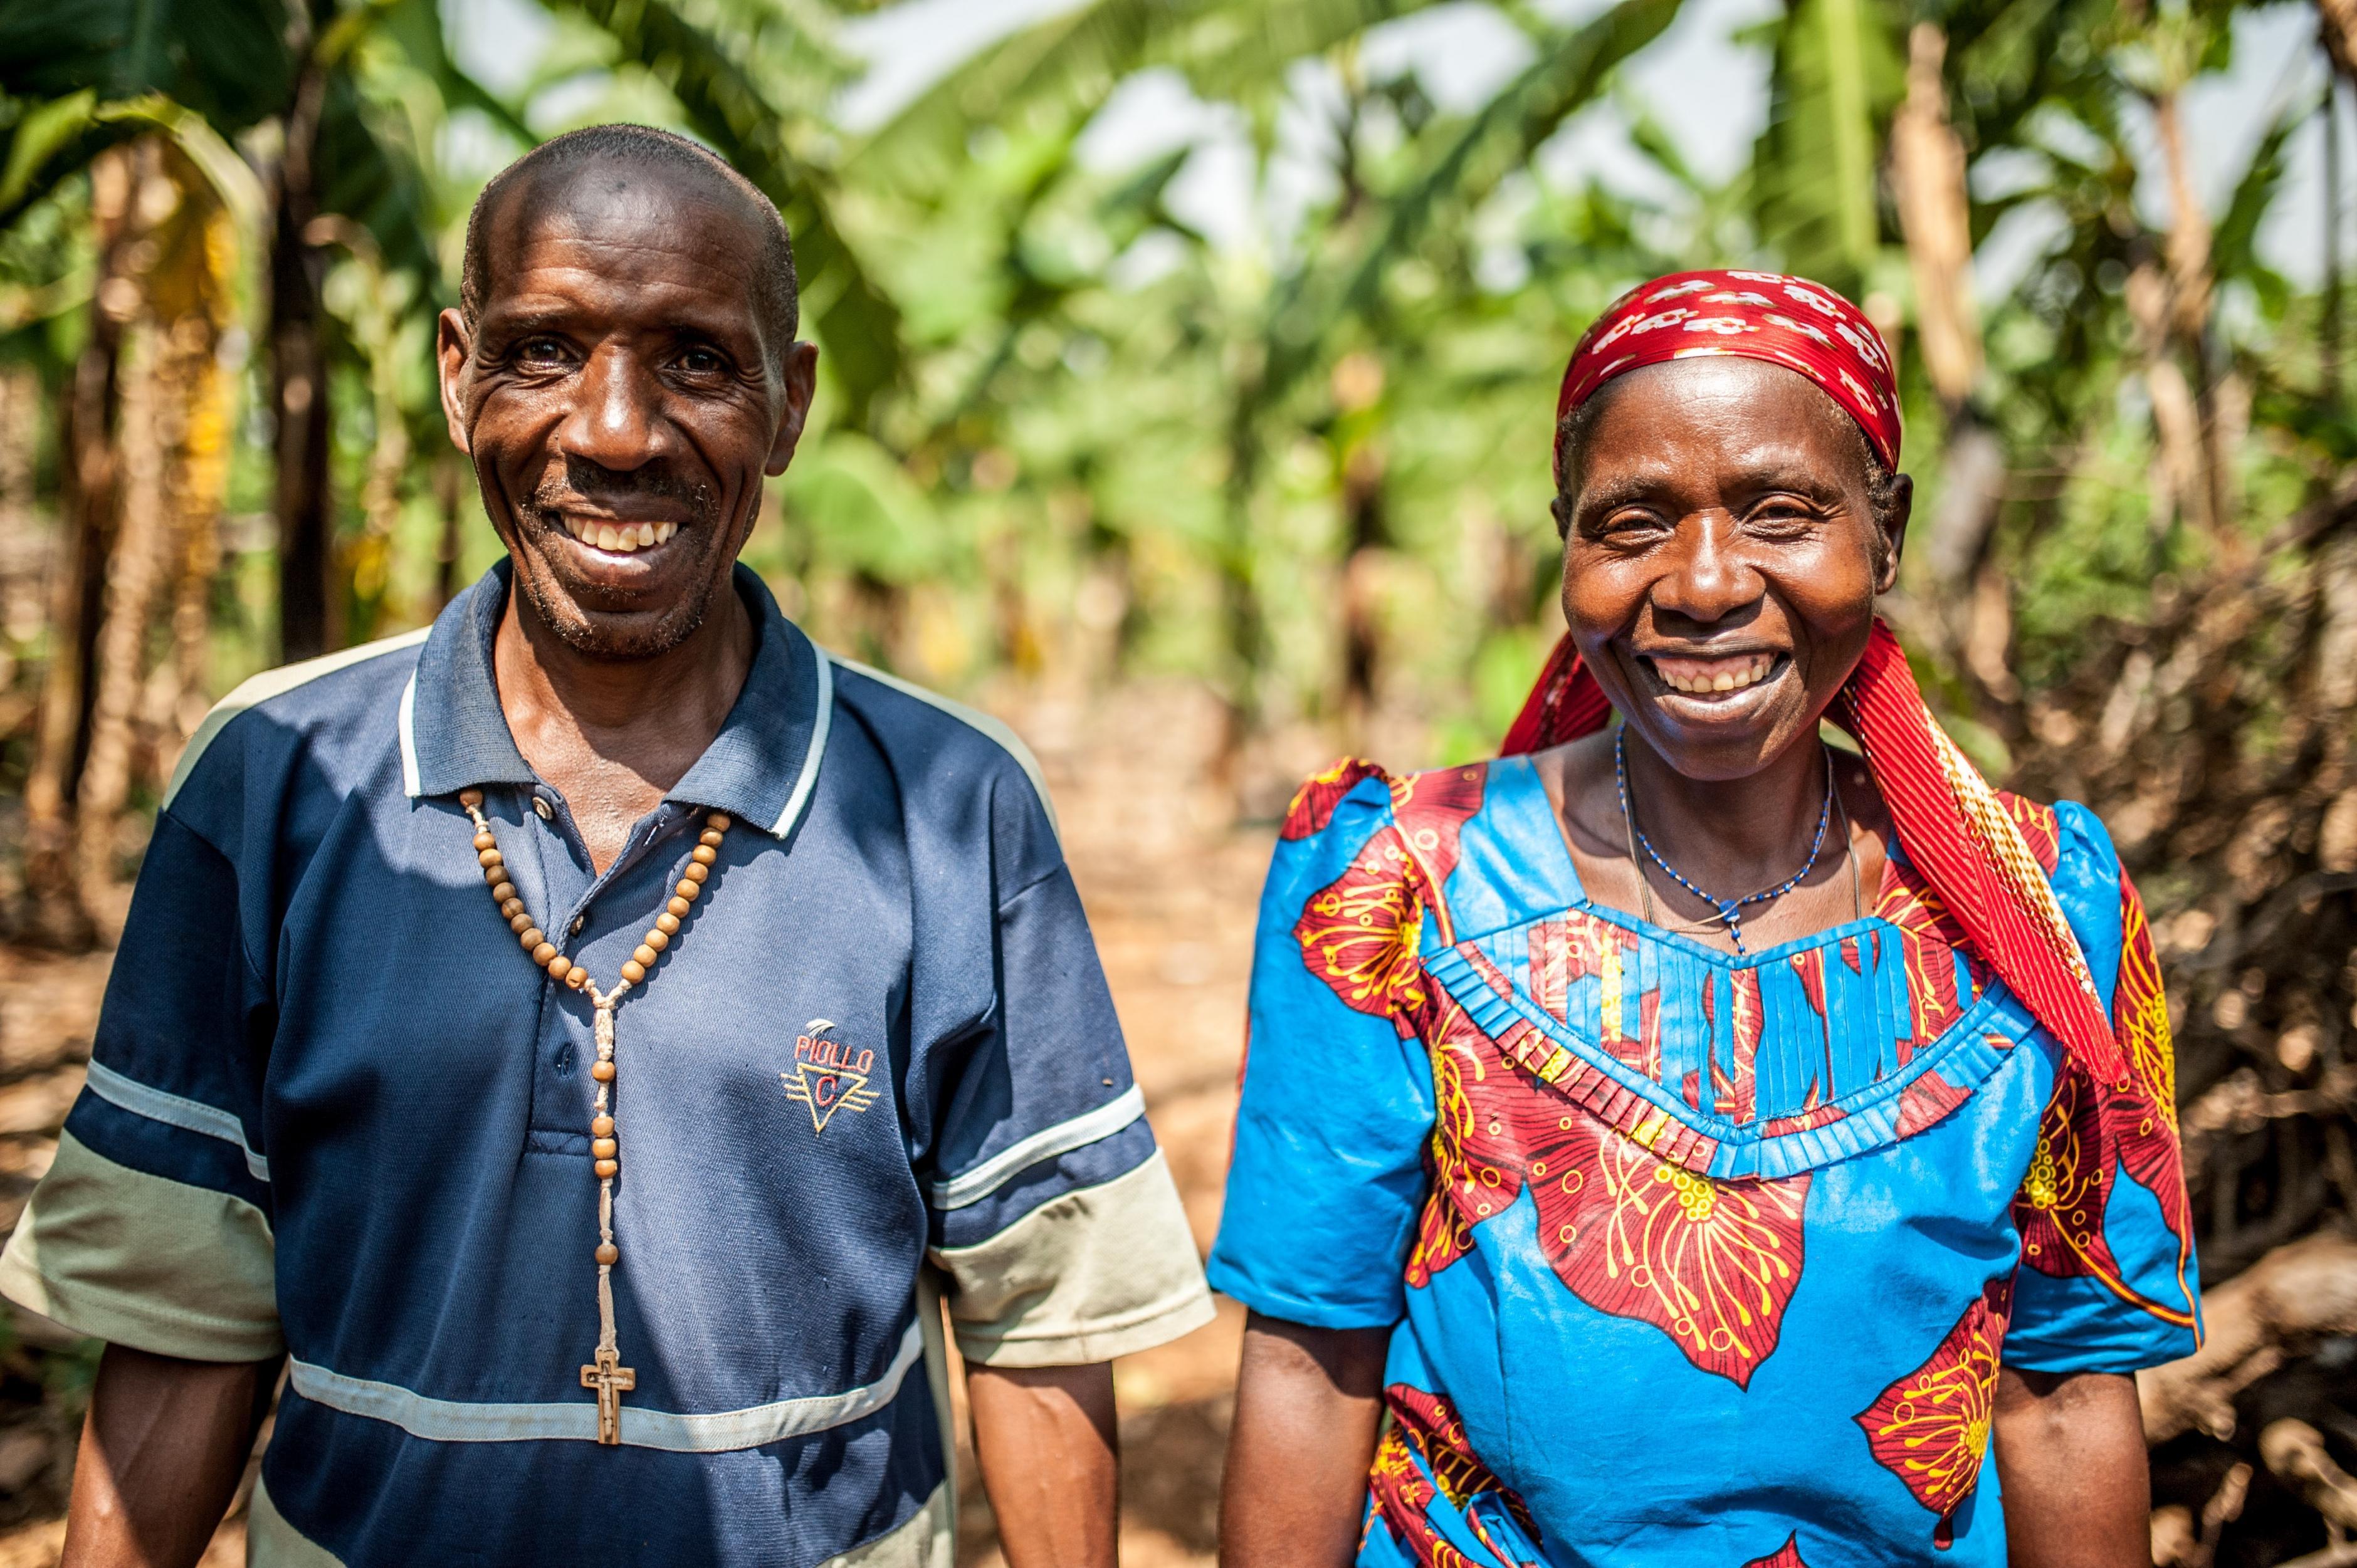 Das Ehepaar Theresie Nyirantozi und Pascal Hakizamumgu